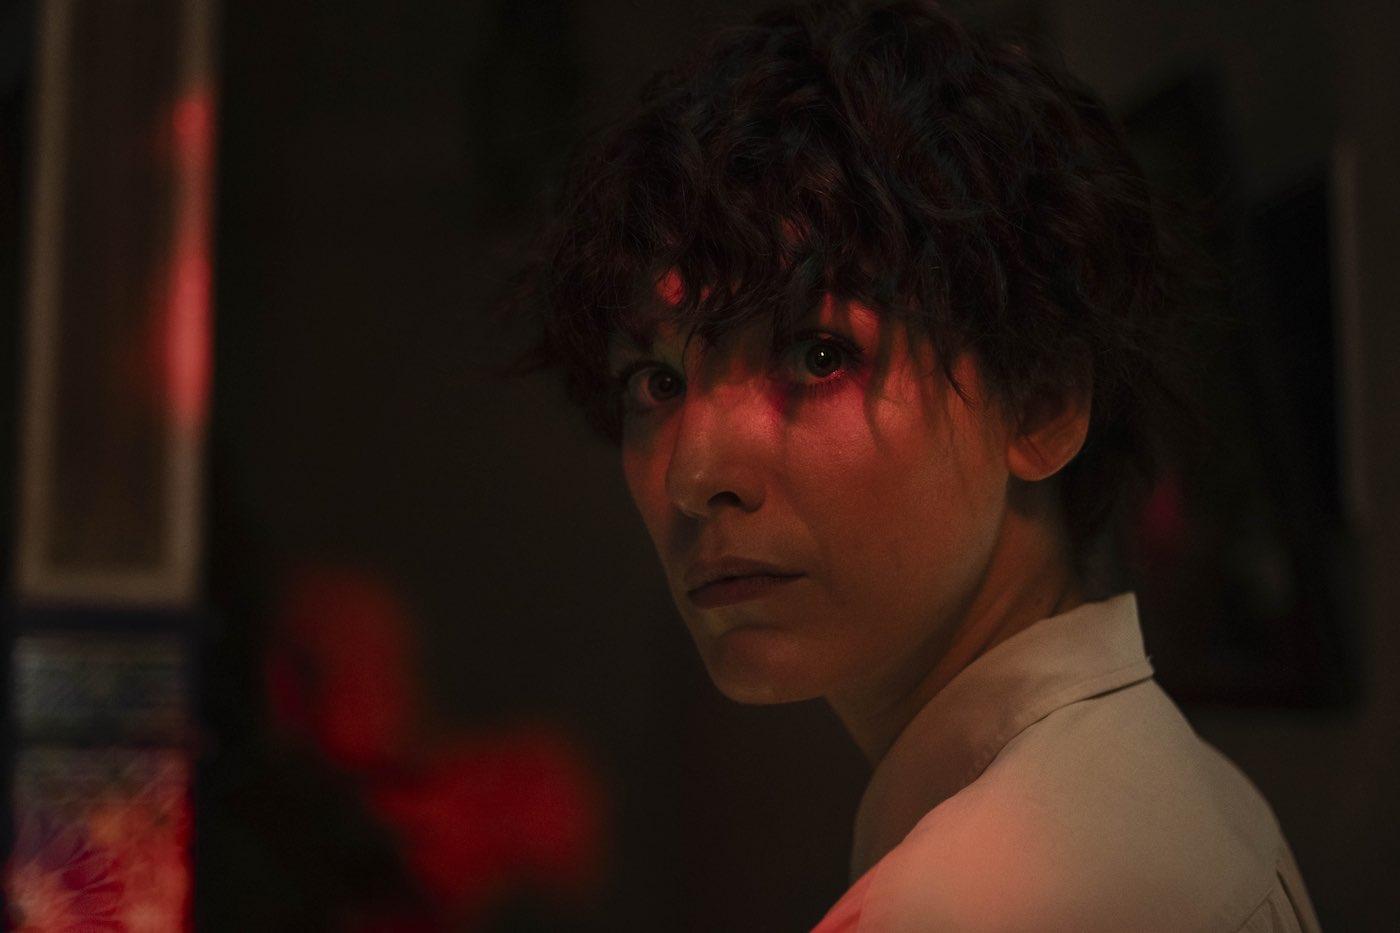 The Rhythm Section: Blake Lively seeks revenge in new trailer